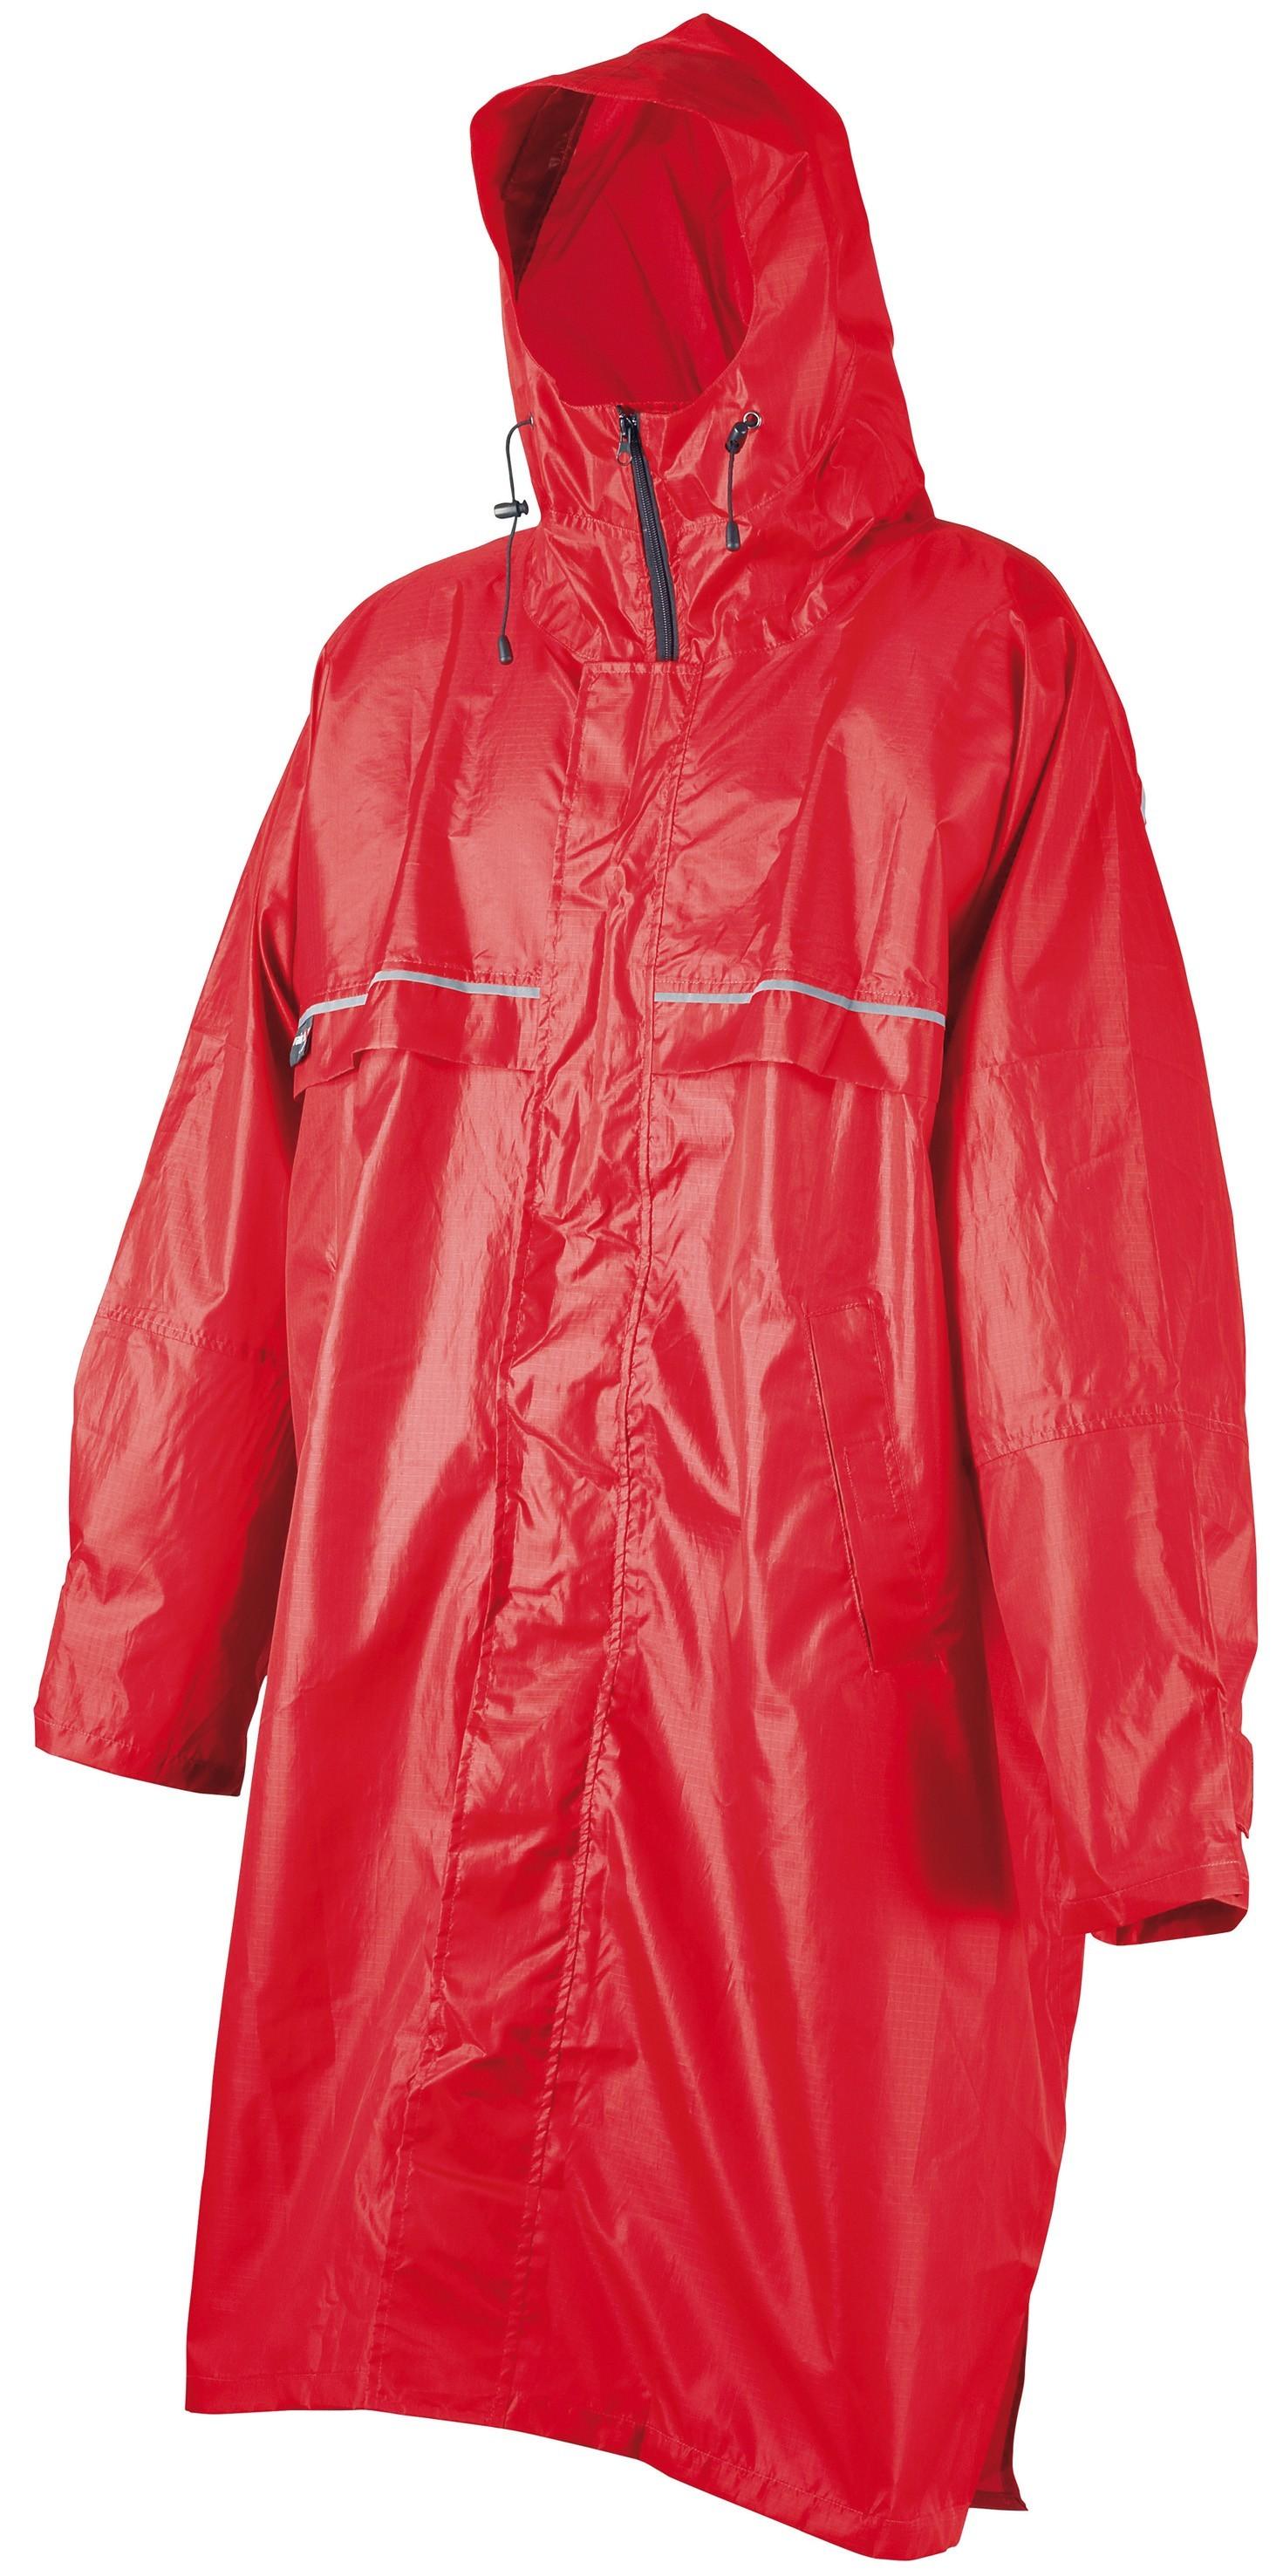 Poncho randonnee camp la randonn e - Cape anti pluie ...